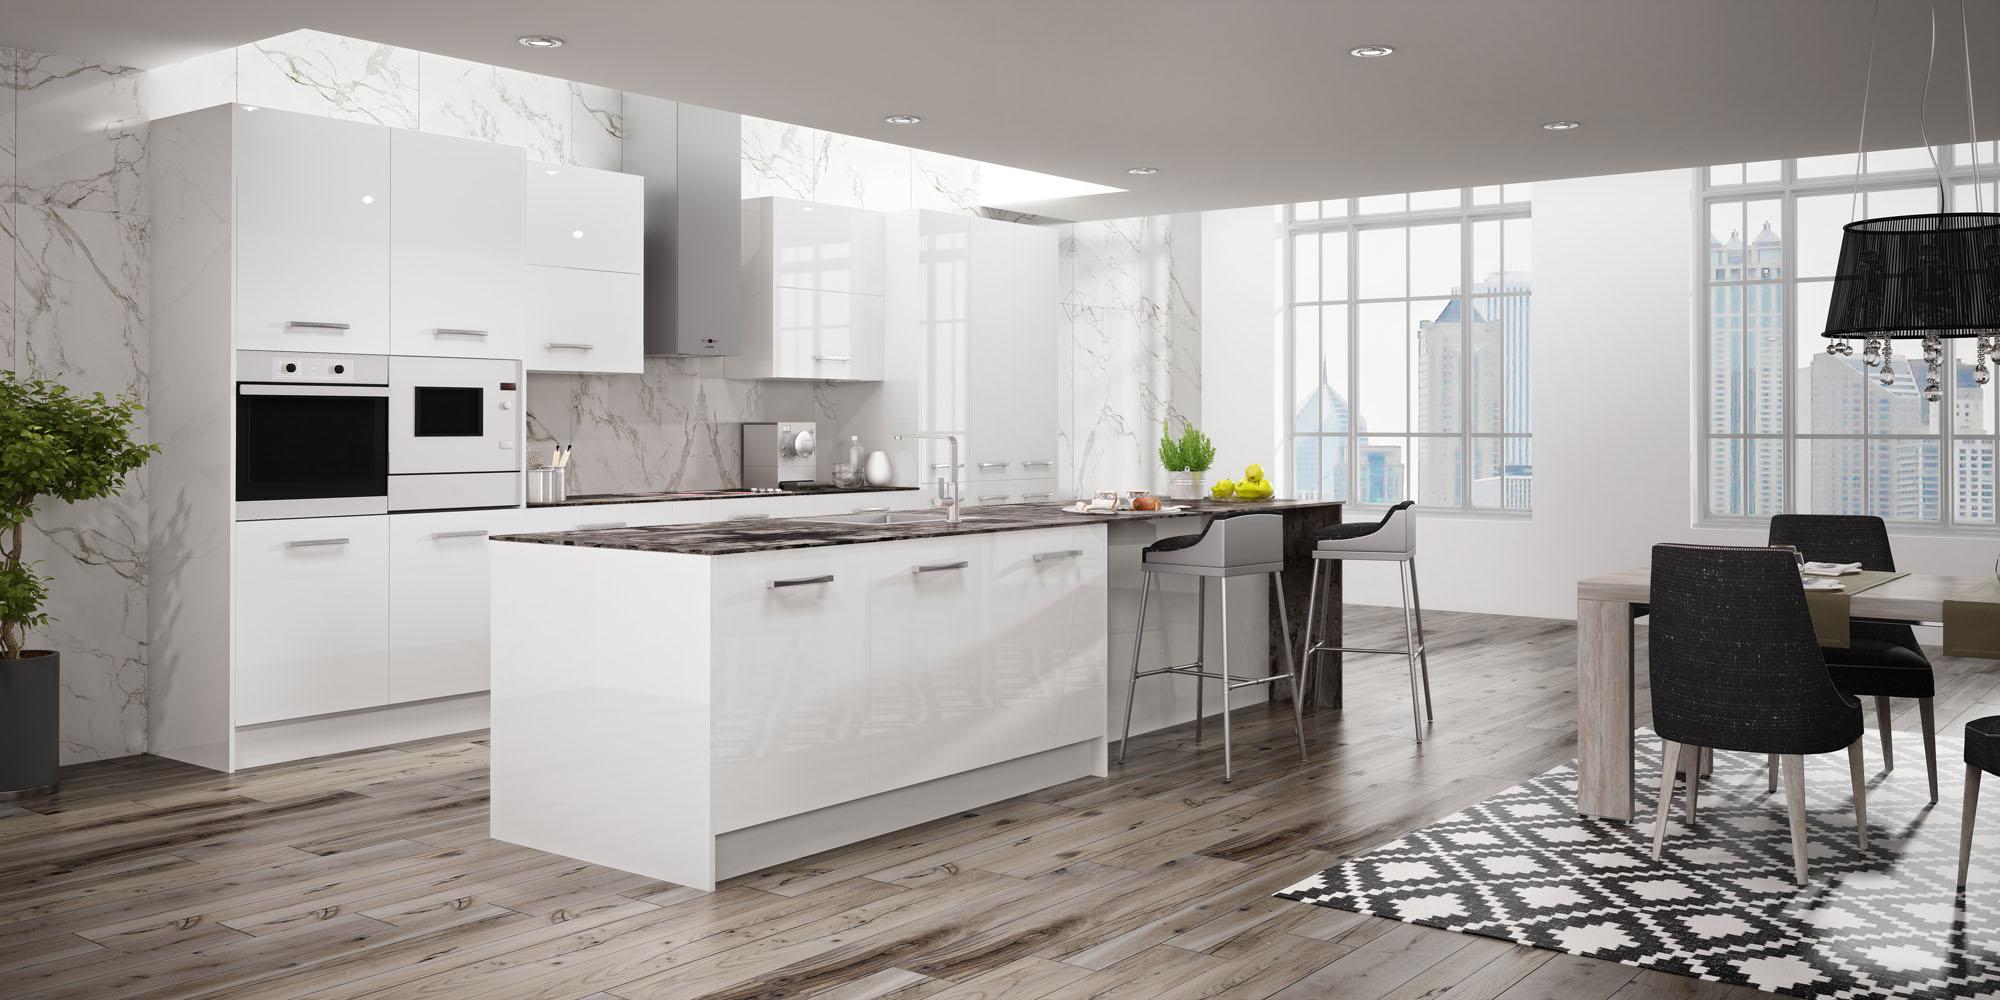 Cocina opciones isla de ventilaci n - Cocinas modernas blancas con isla ...